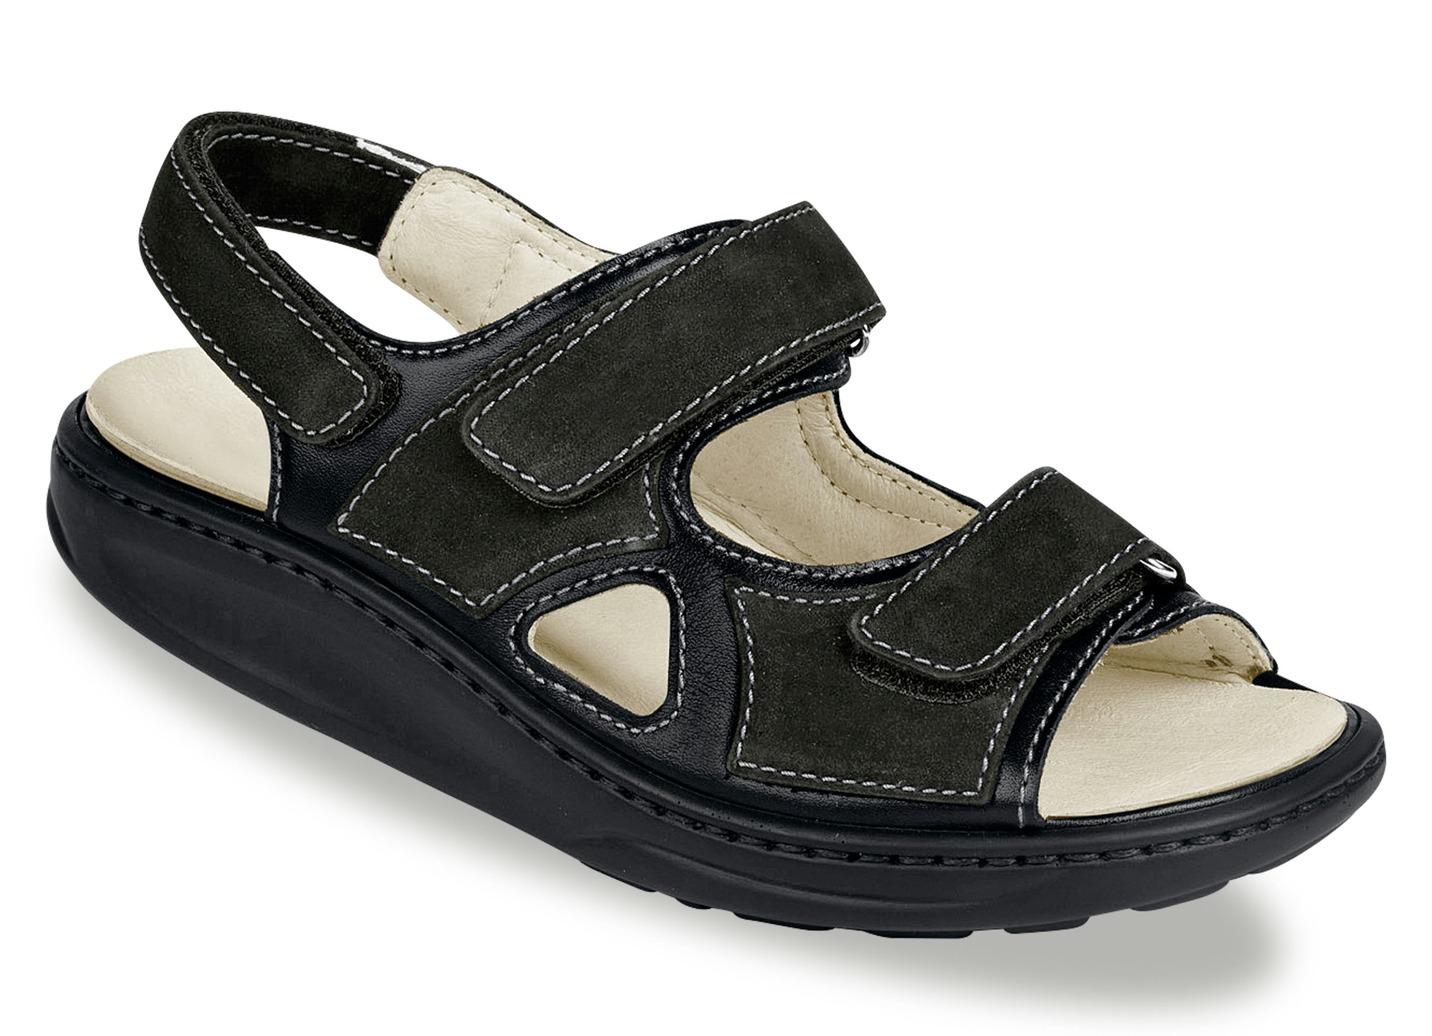 Sandalette  mit herausnehmbarem Lederfußbett Weite H Schwarz Schuhgröße 8 Damen Preisvergleich